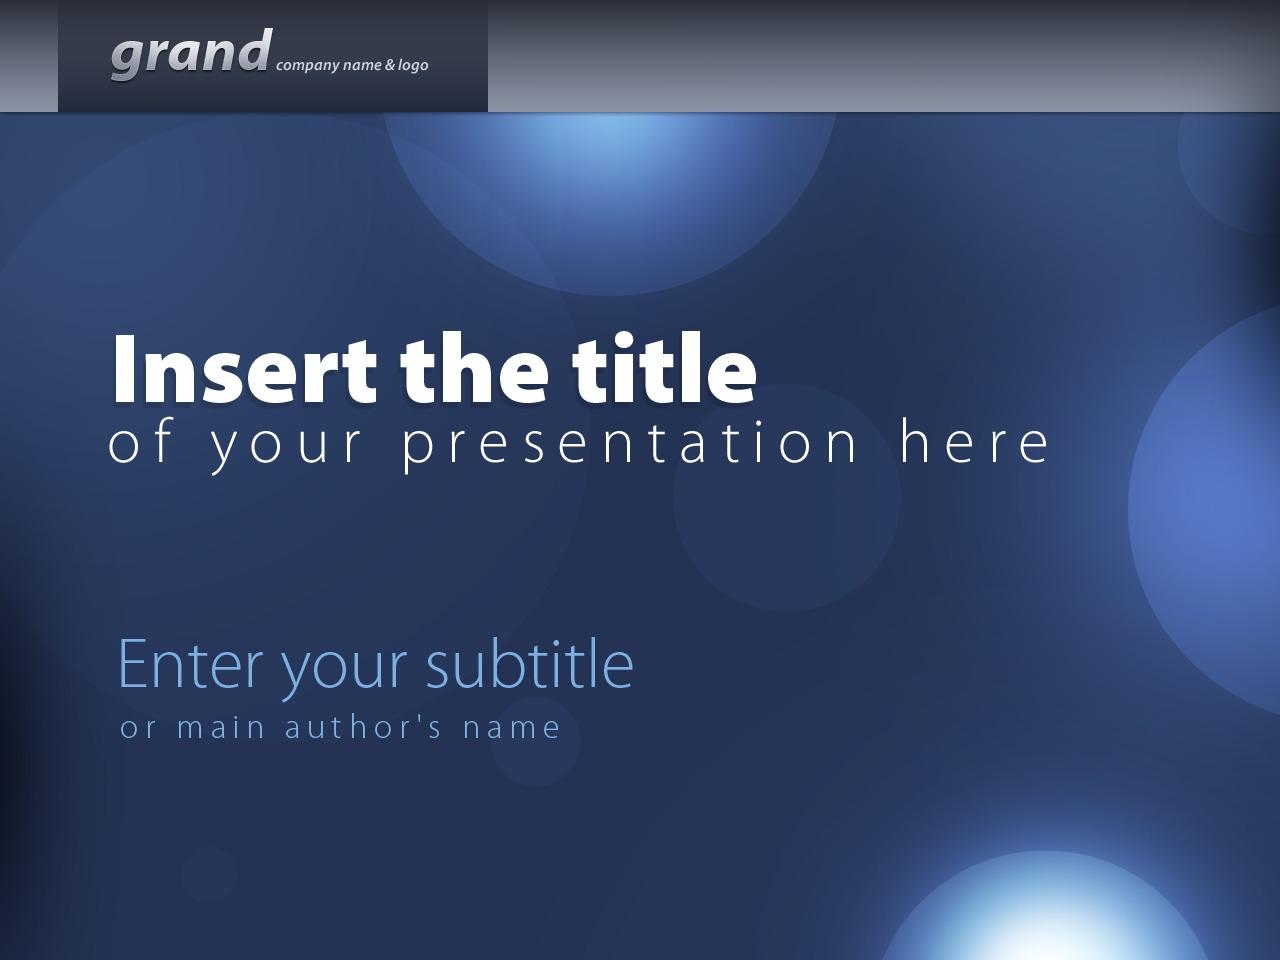 Szablon PowerPoint #24220 na temat: szkoła biznesu